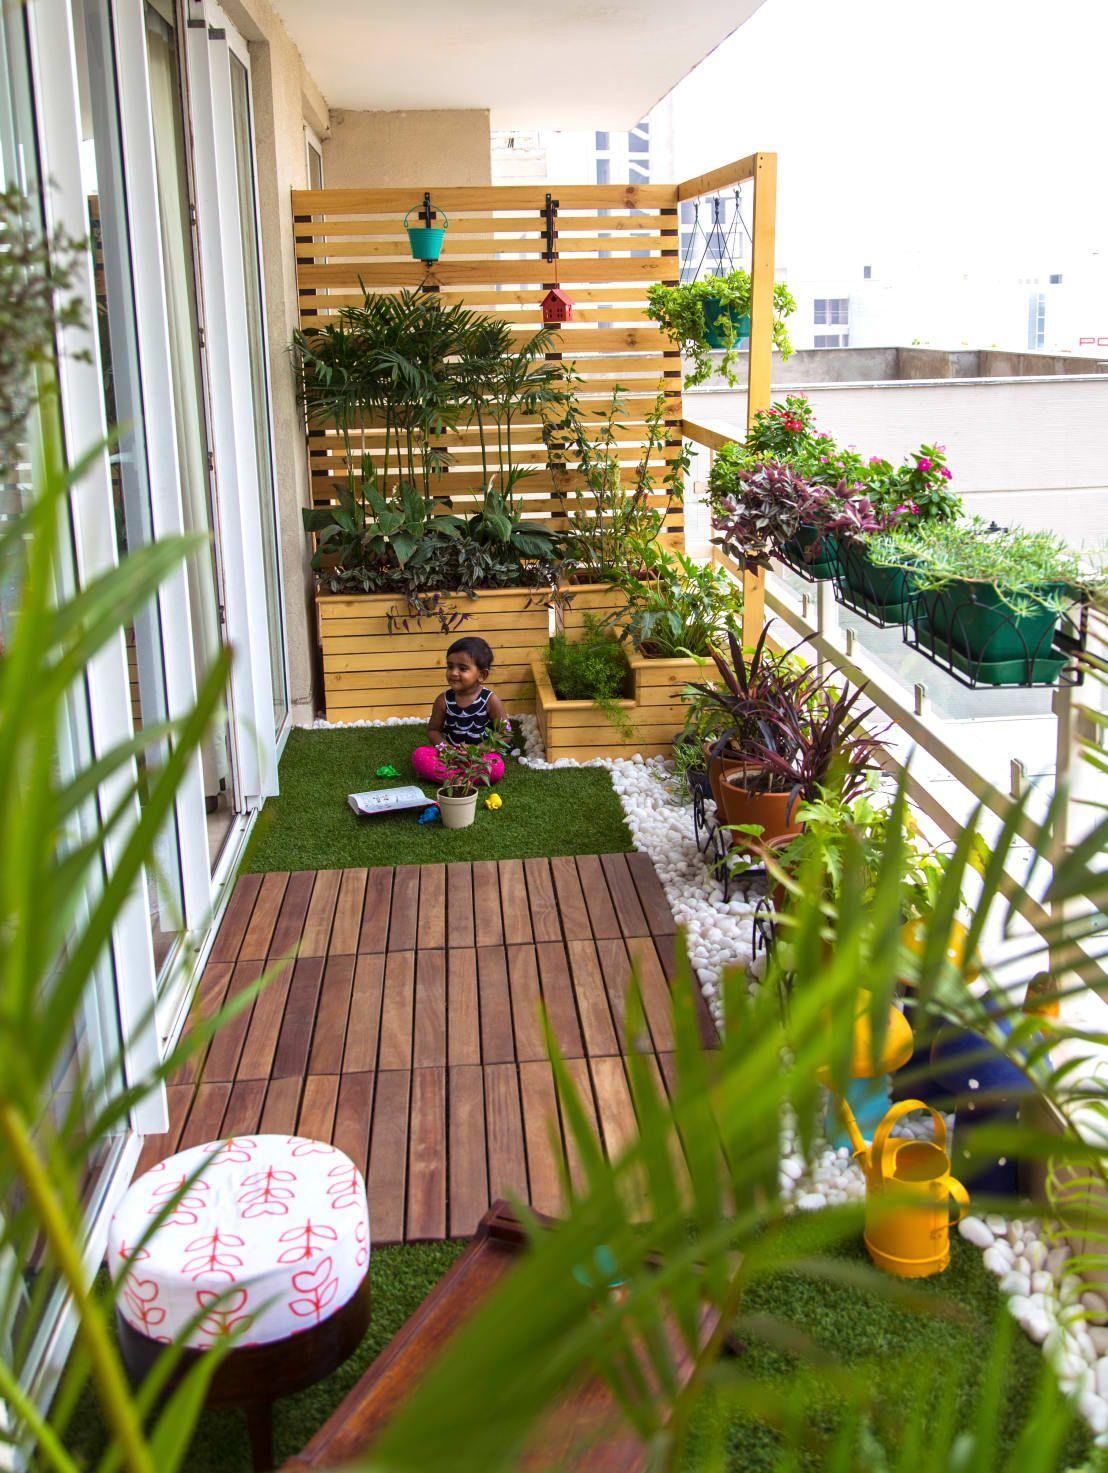 ideas ingeniosas para la decoración de tu pequeña terraza, terrazas pequeñas con encanto con muchas plantas verdes